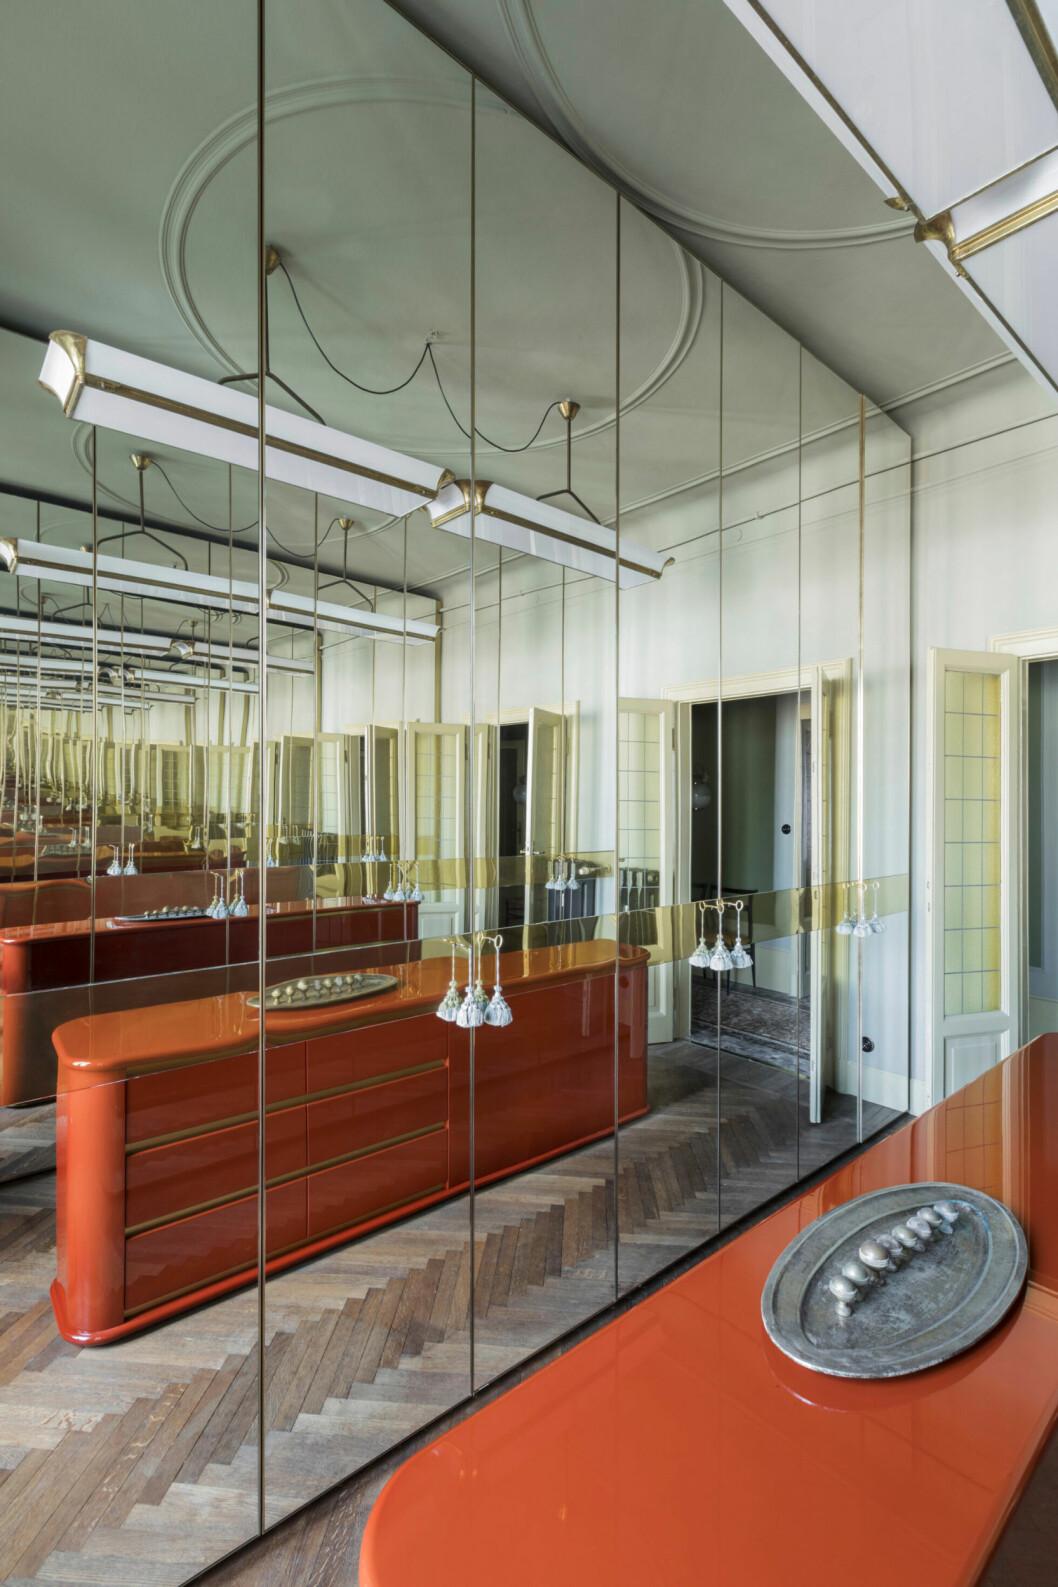 Speglar från golv till tak